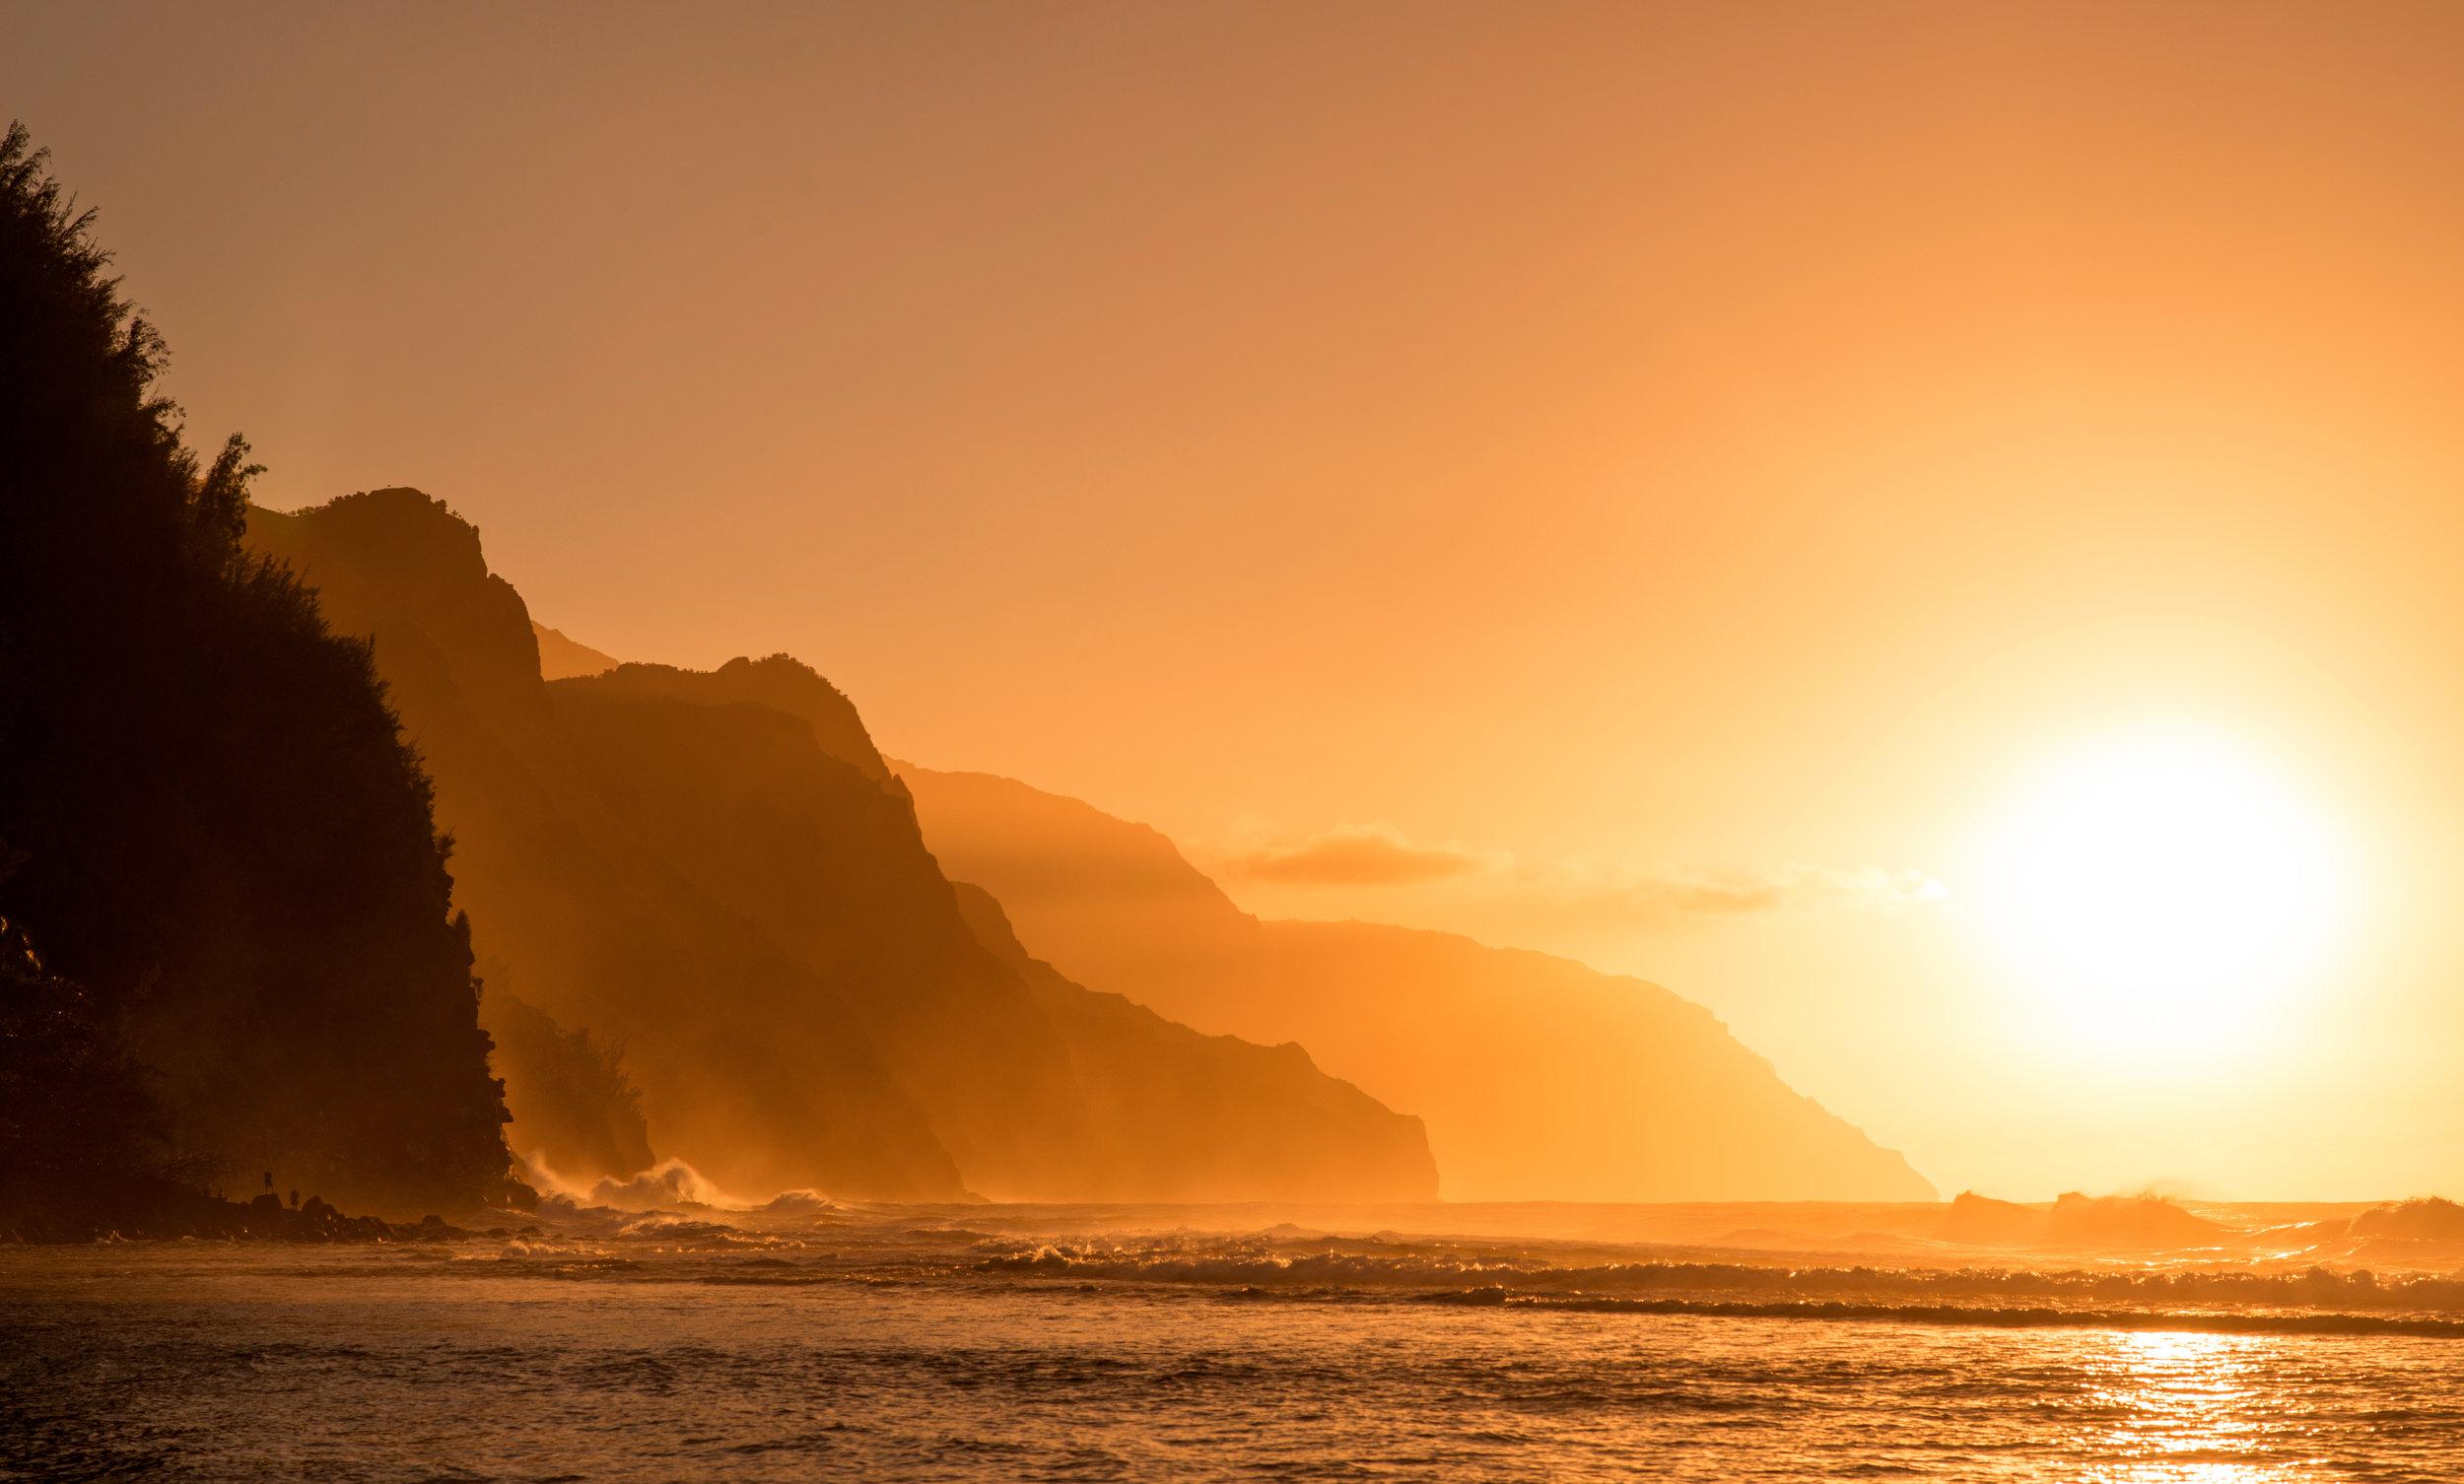 2014-12-12 Ke'e Beach Kauai_17.37.30.jpg